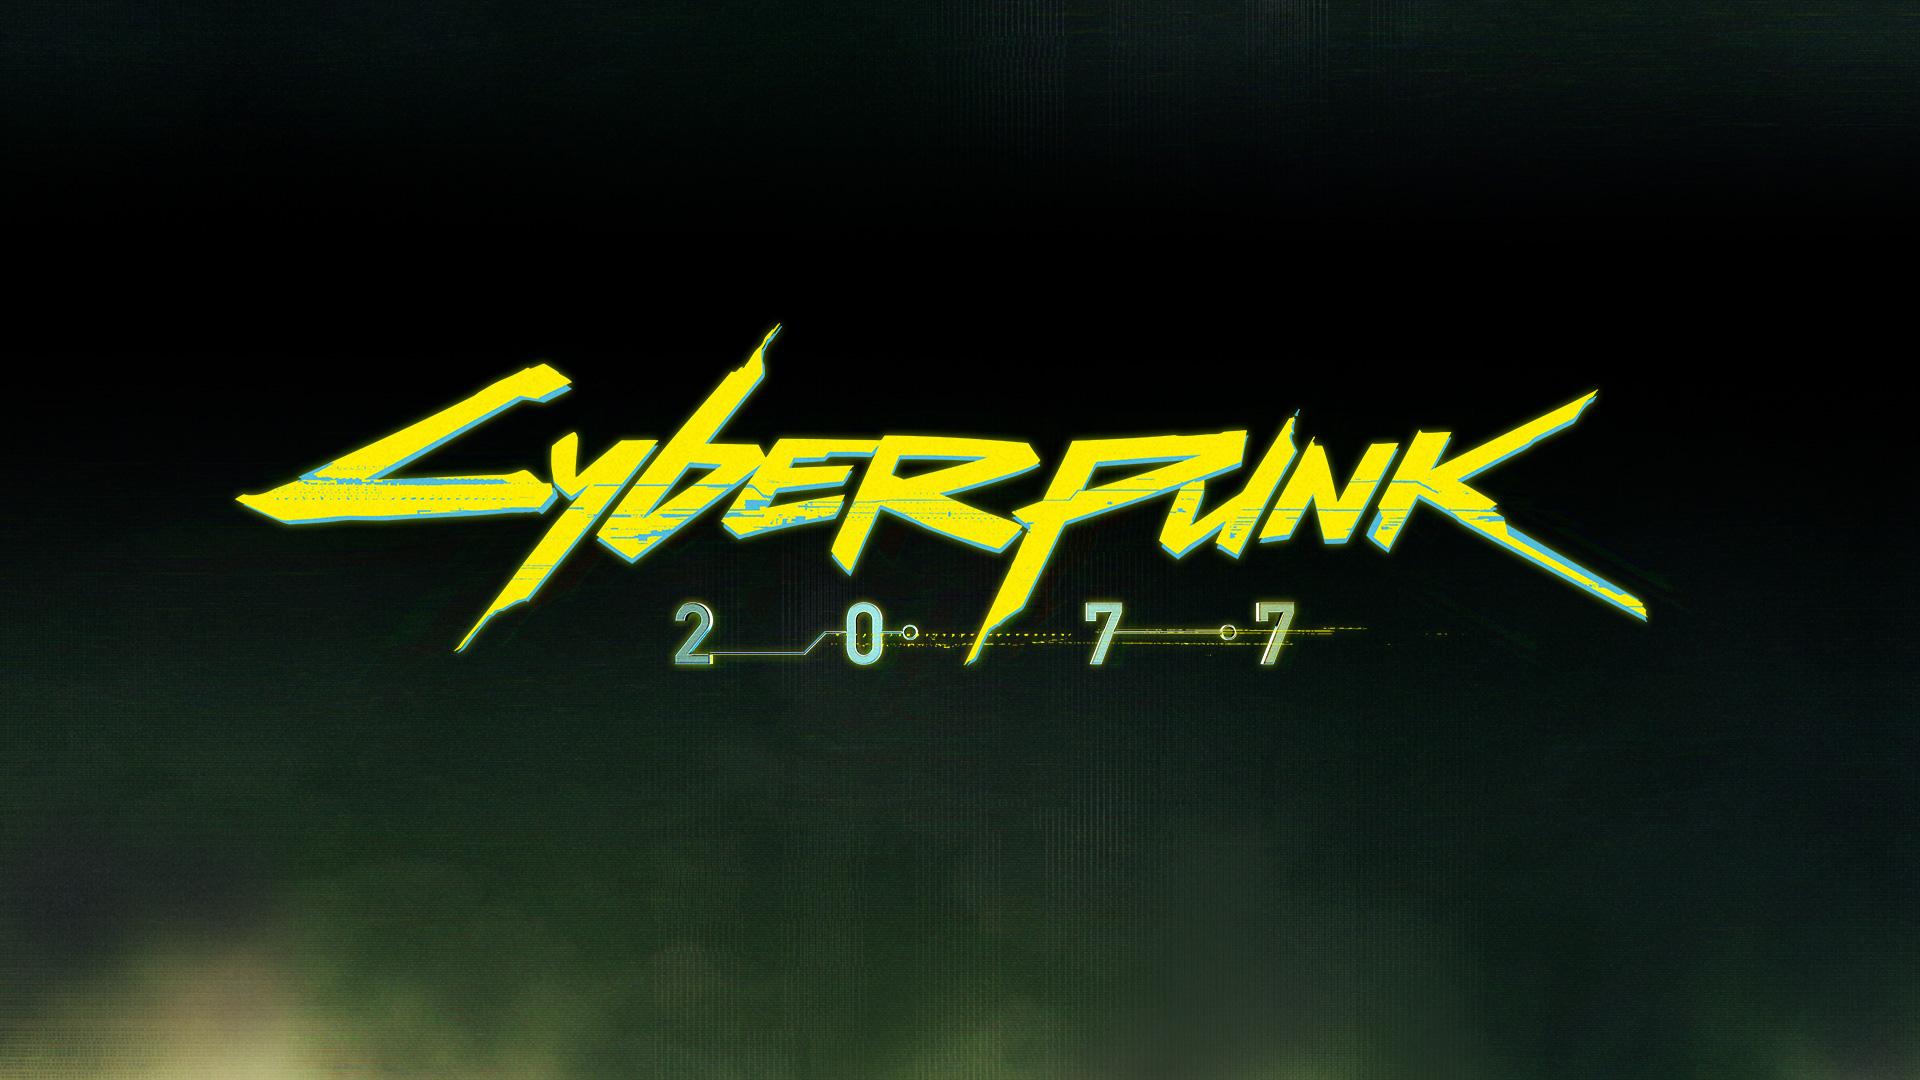 Cyberpunk 2077: Nessuna Beta prevista da CD Projekt RED